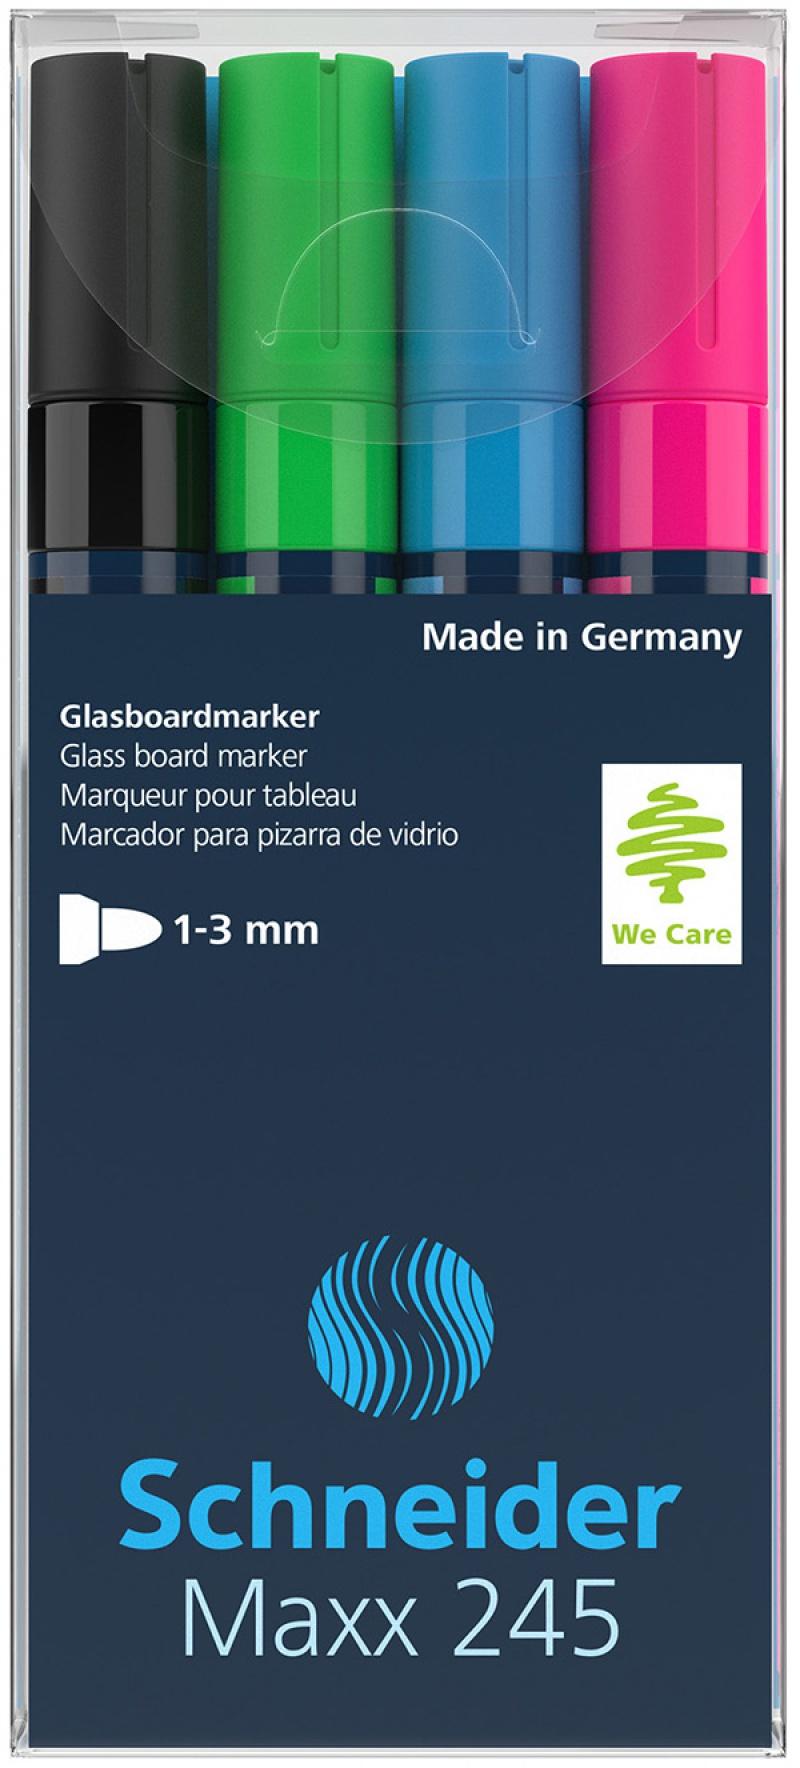 Marker do szklanych tablic SCHNEIDER Maxx 245 C, 2-3mm, 4szt., mix kolorów, Markery, Artykuły do pisania i korygowania